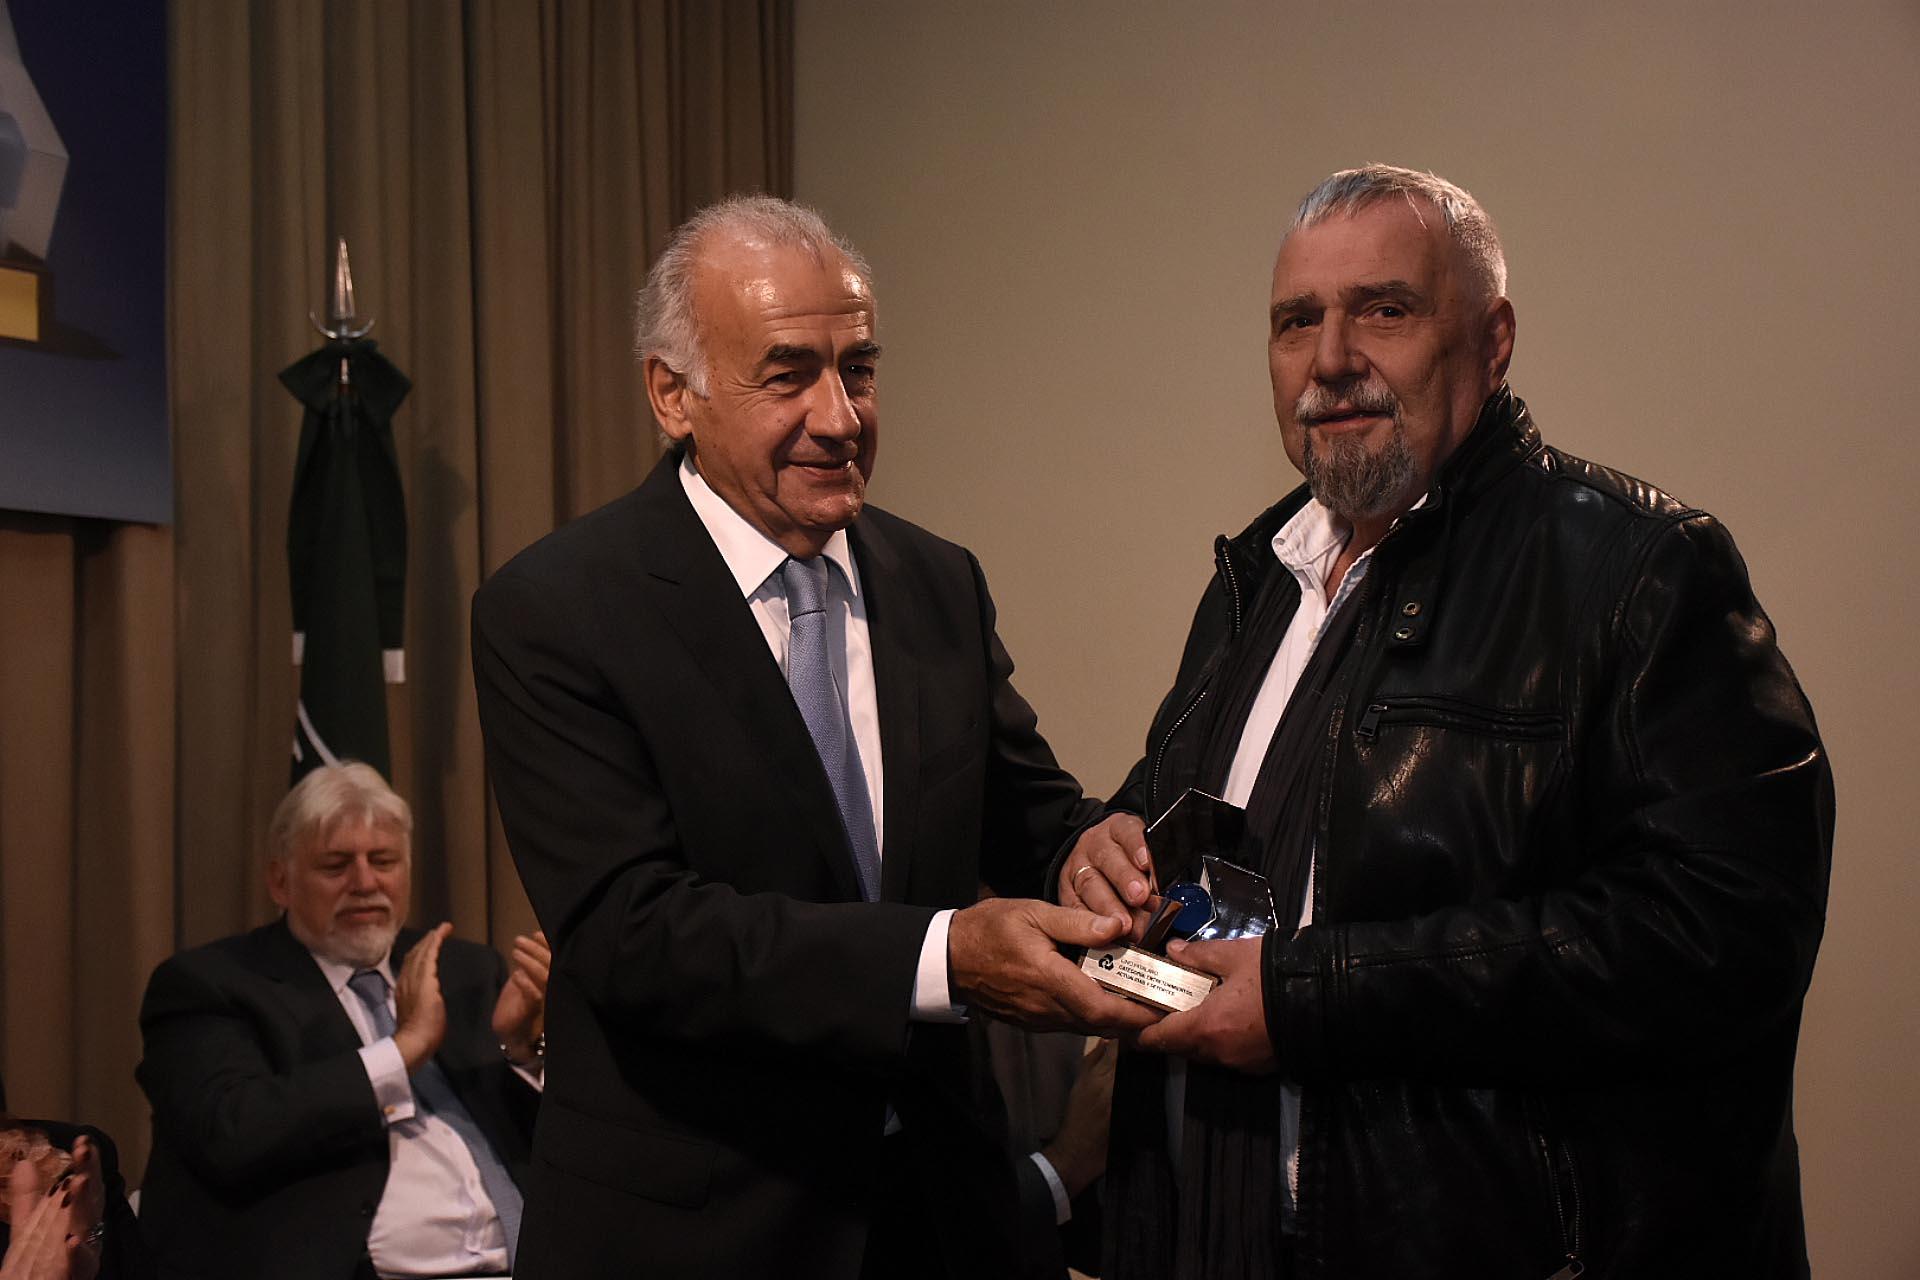 El director de teatro Lino Patalano, distinguido en la categoría 'Entrenimiento'